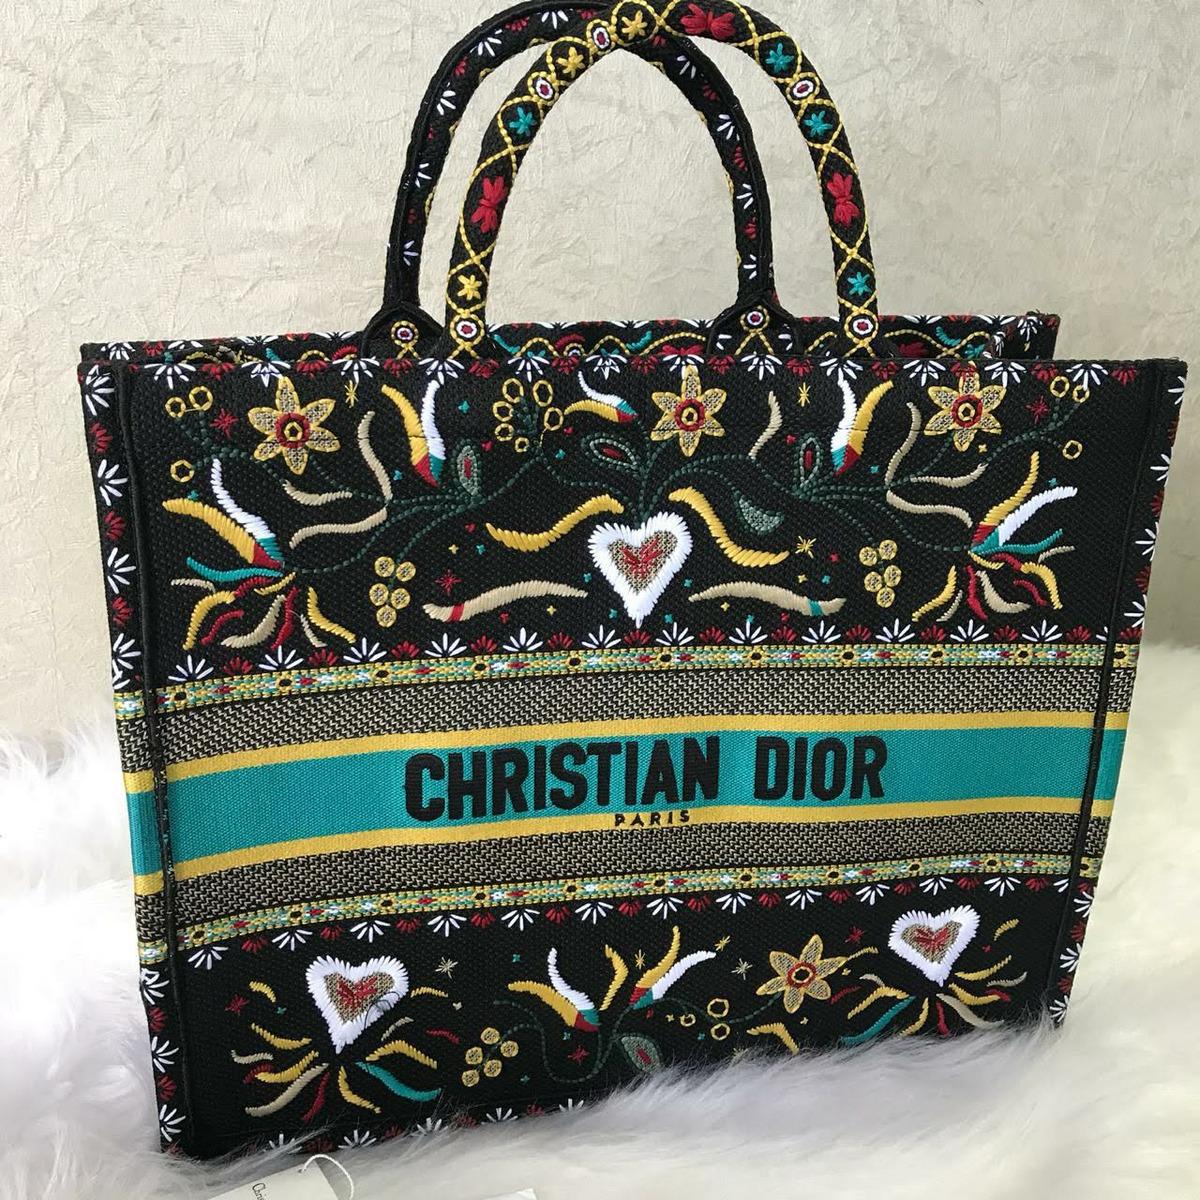 ff738546b Bolsa Christian Dior Book Tote Nova - R$ 2.200,00 em Mercado Livre